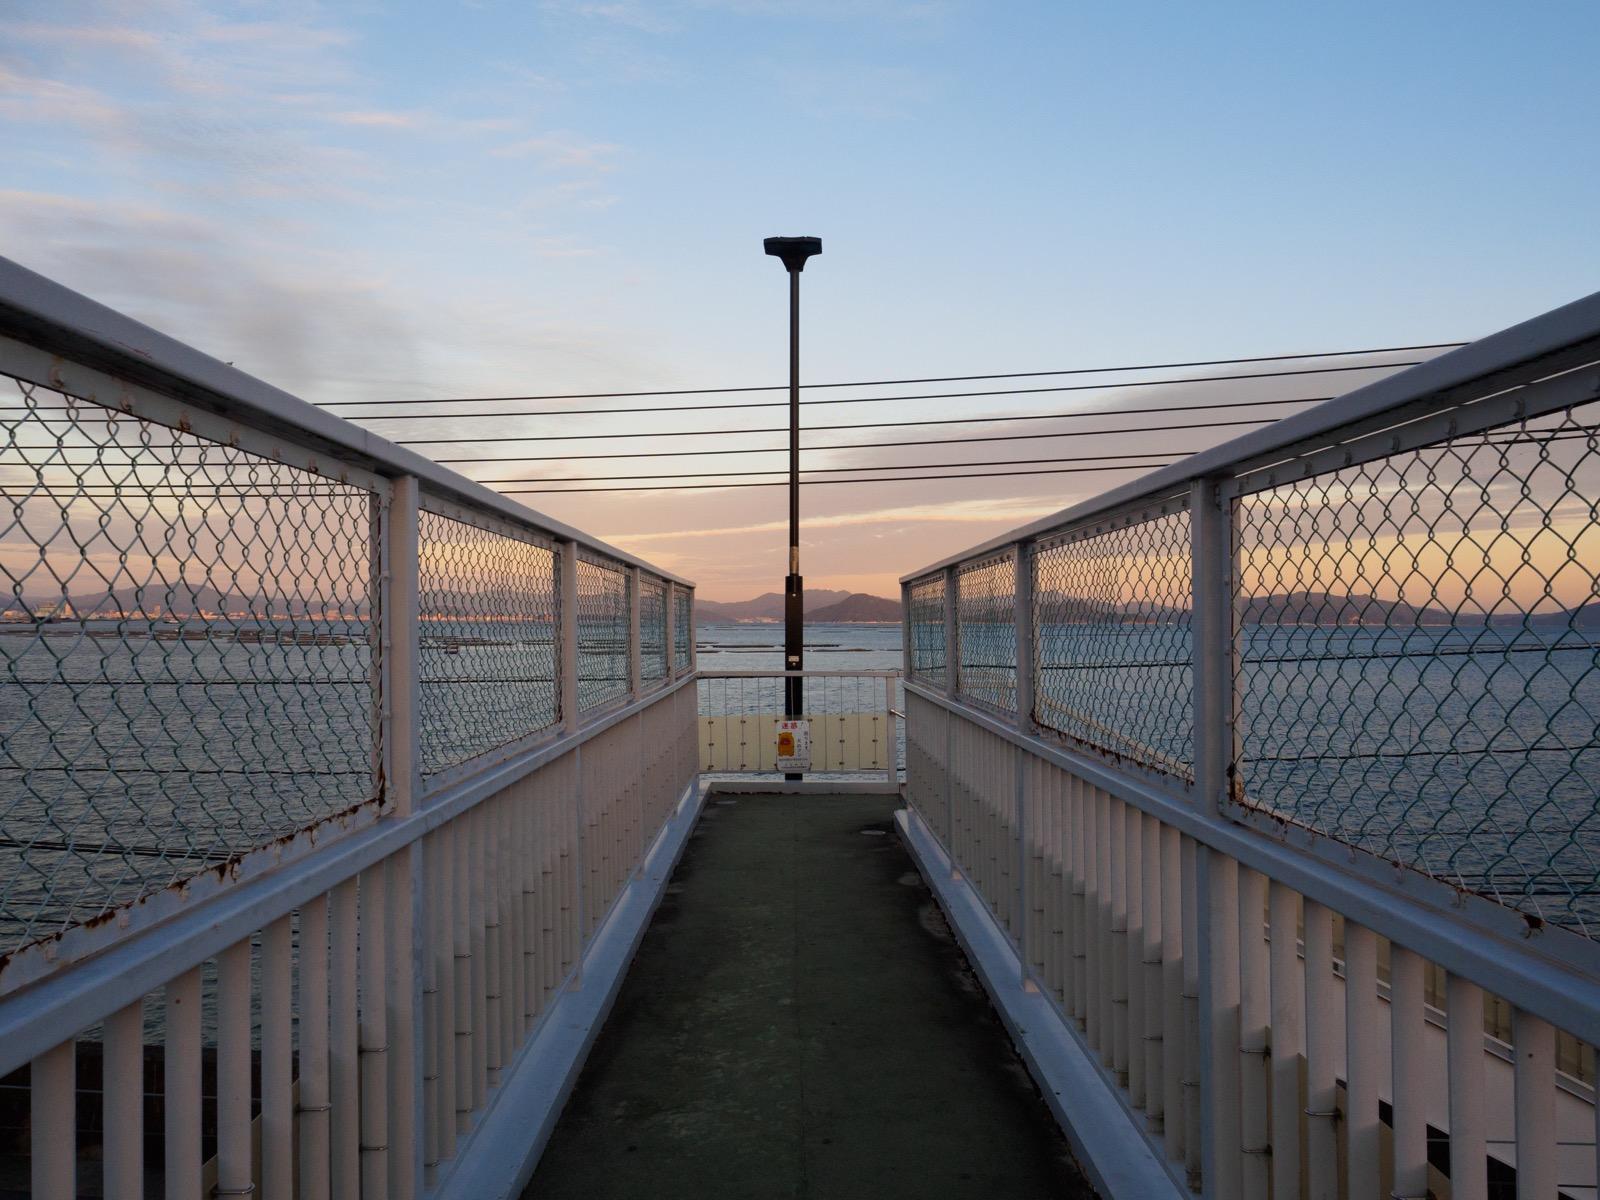 阿品東駅の跨線橋から見る瀬戸内海